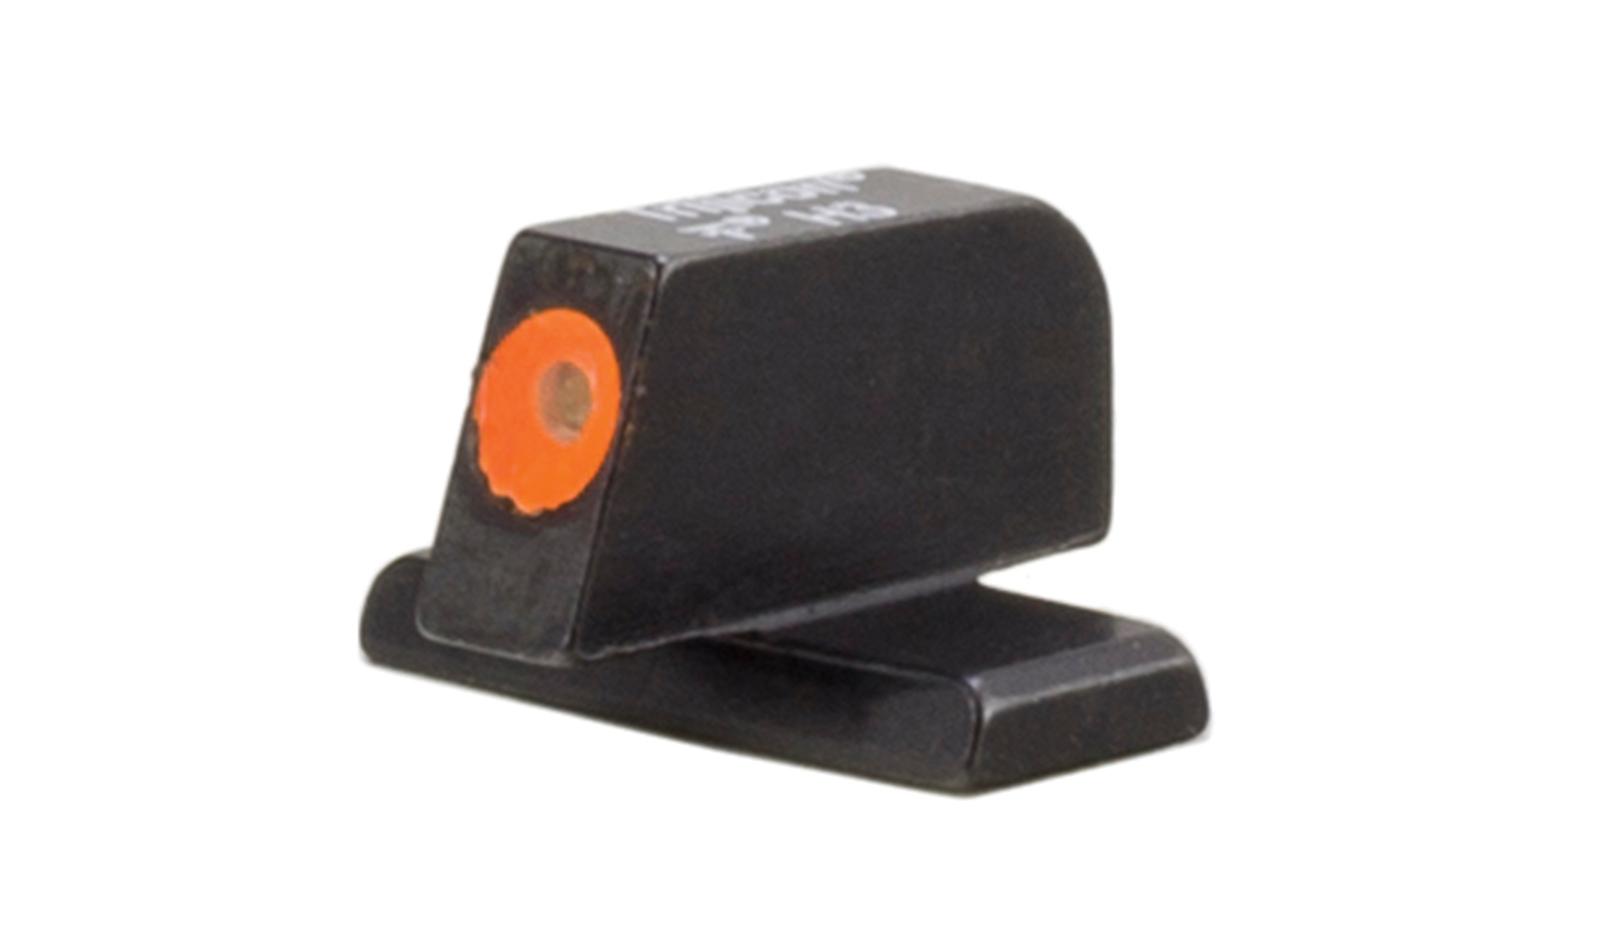 SP602-C-600878 angle 1